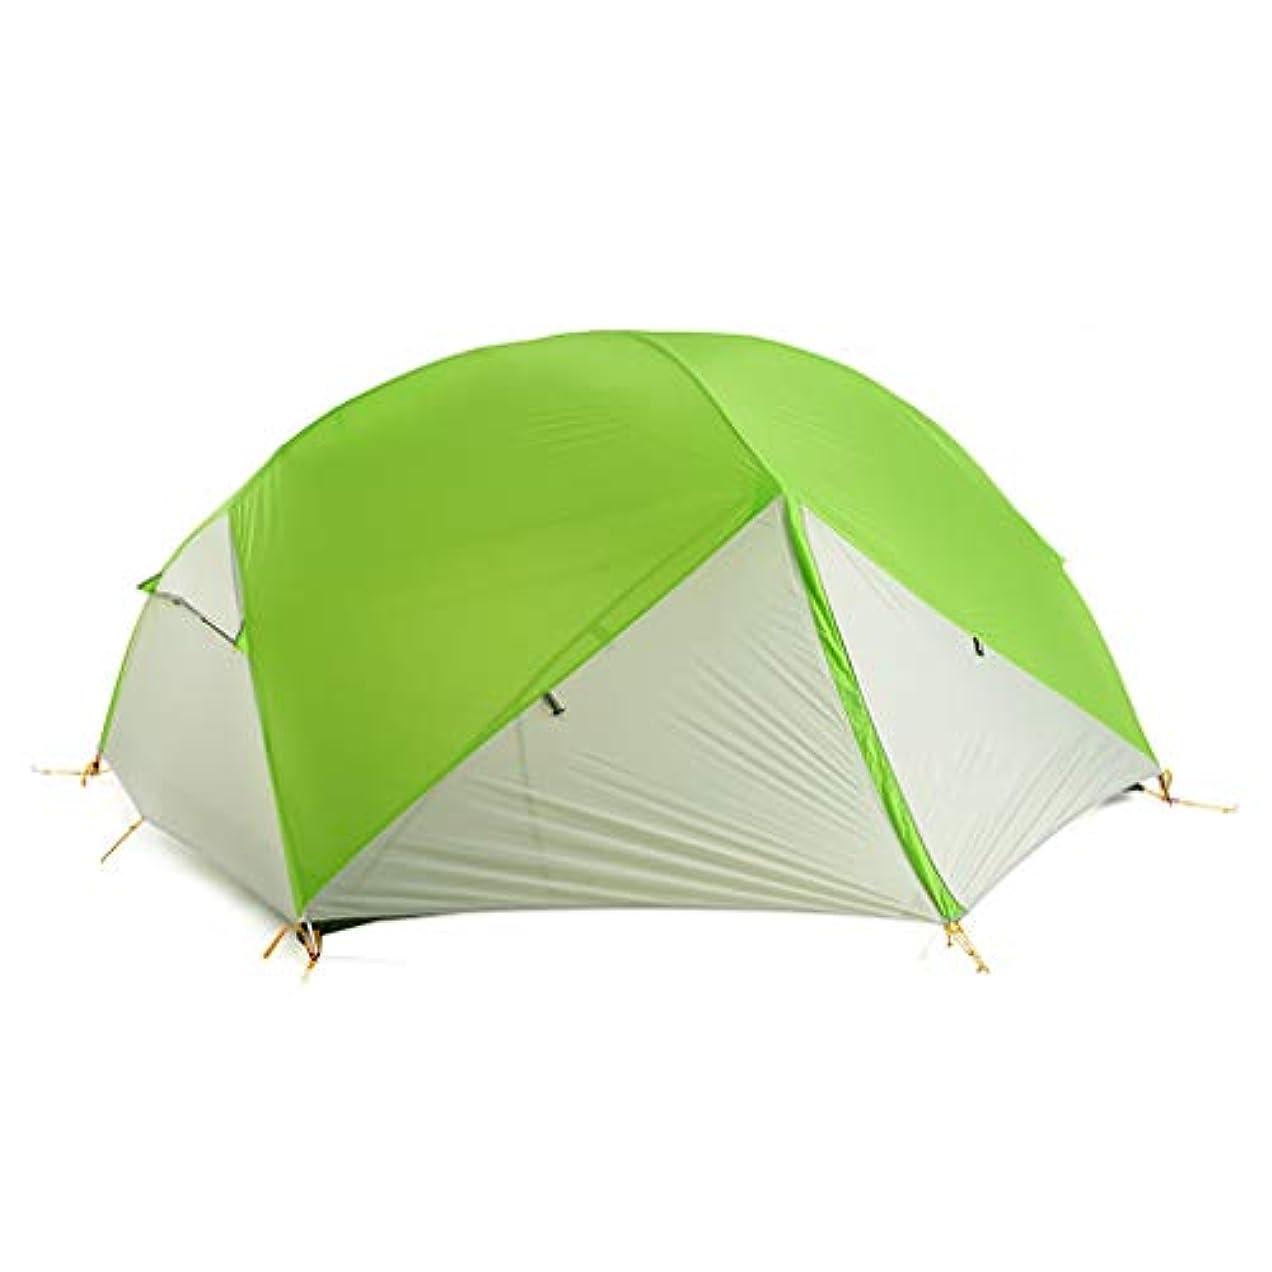 計算する調整エンジンテント テント、屋外ダブルダブルキャンプキャンプ防風防雨登山折りたたみテント、グリーン